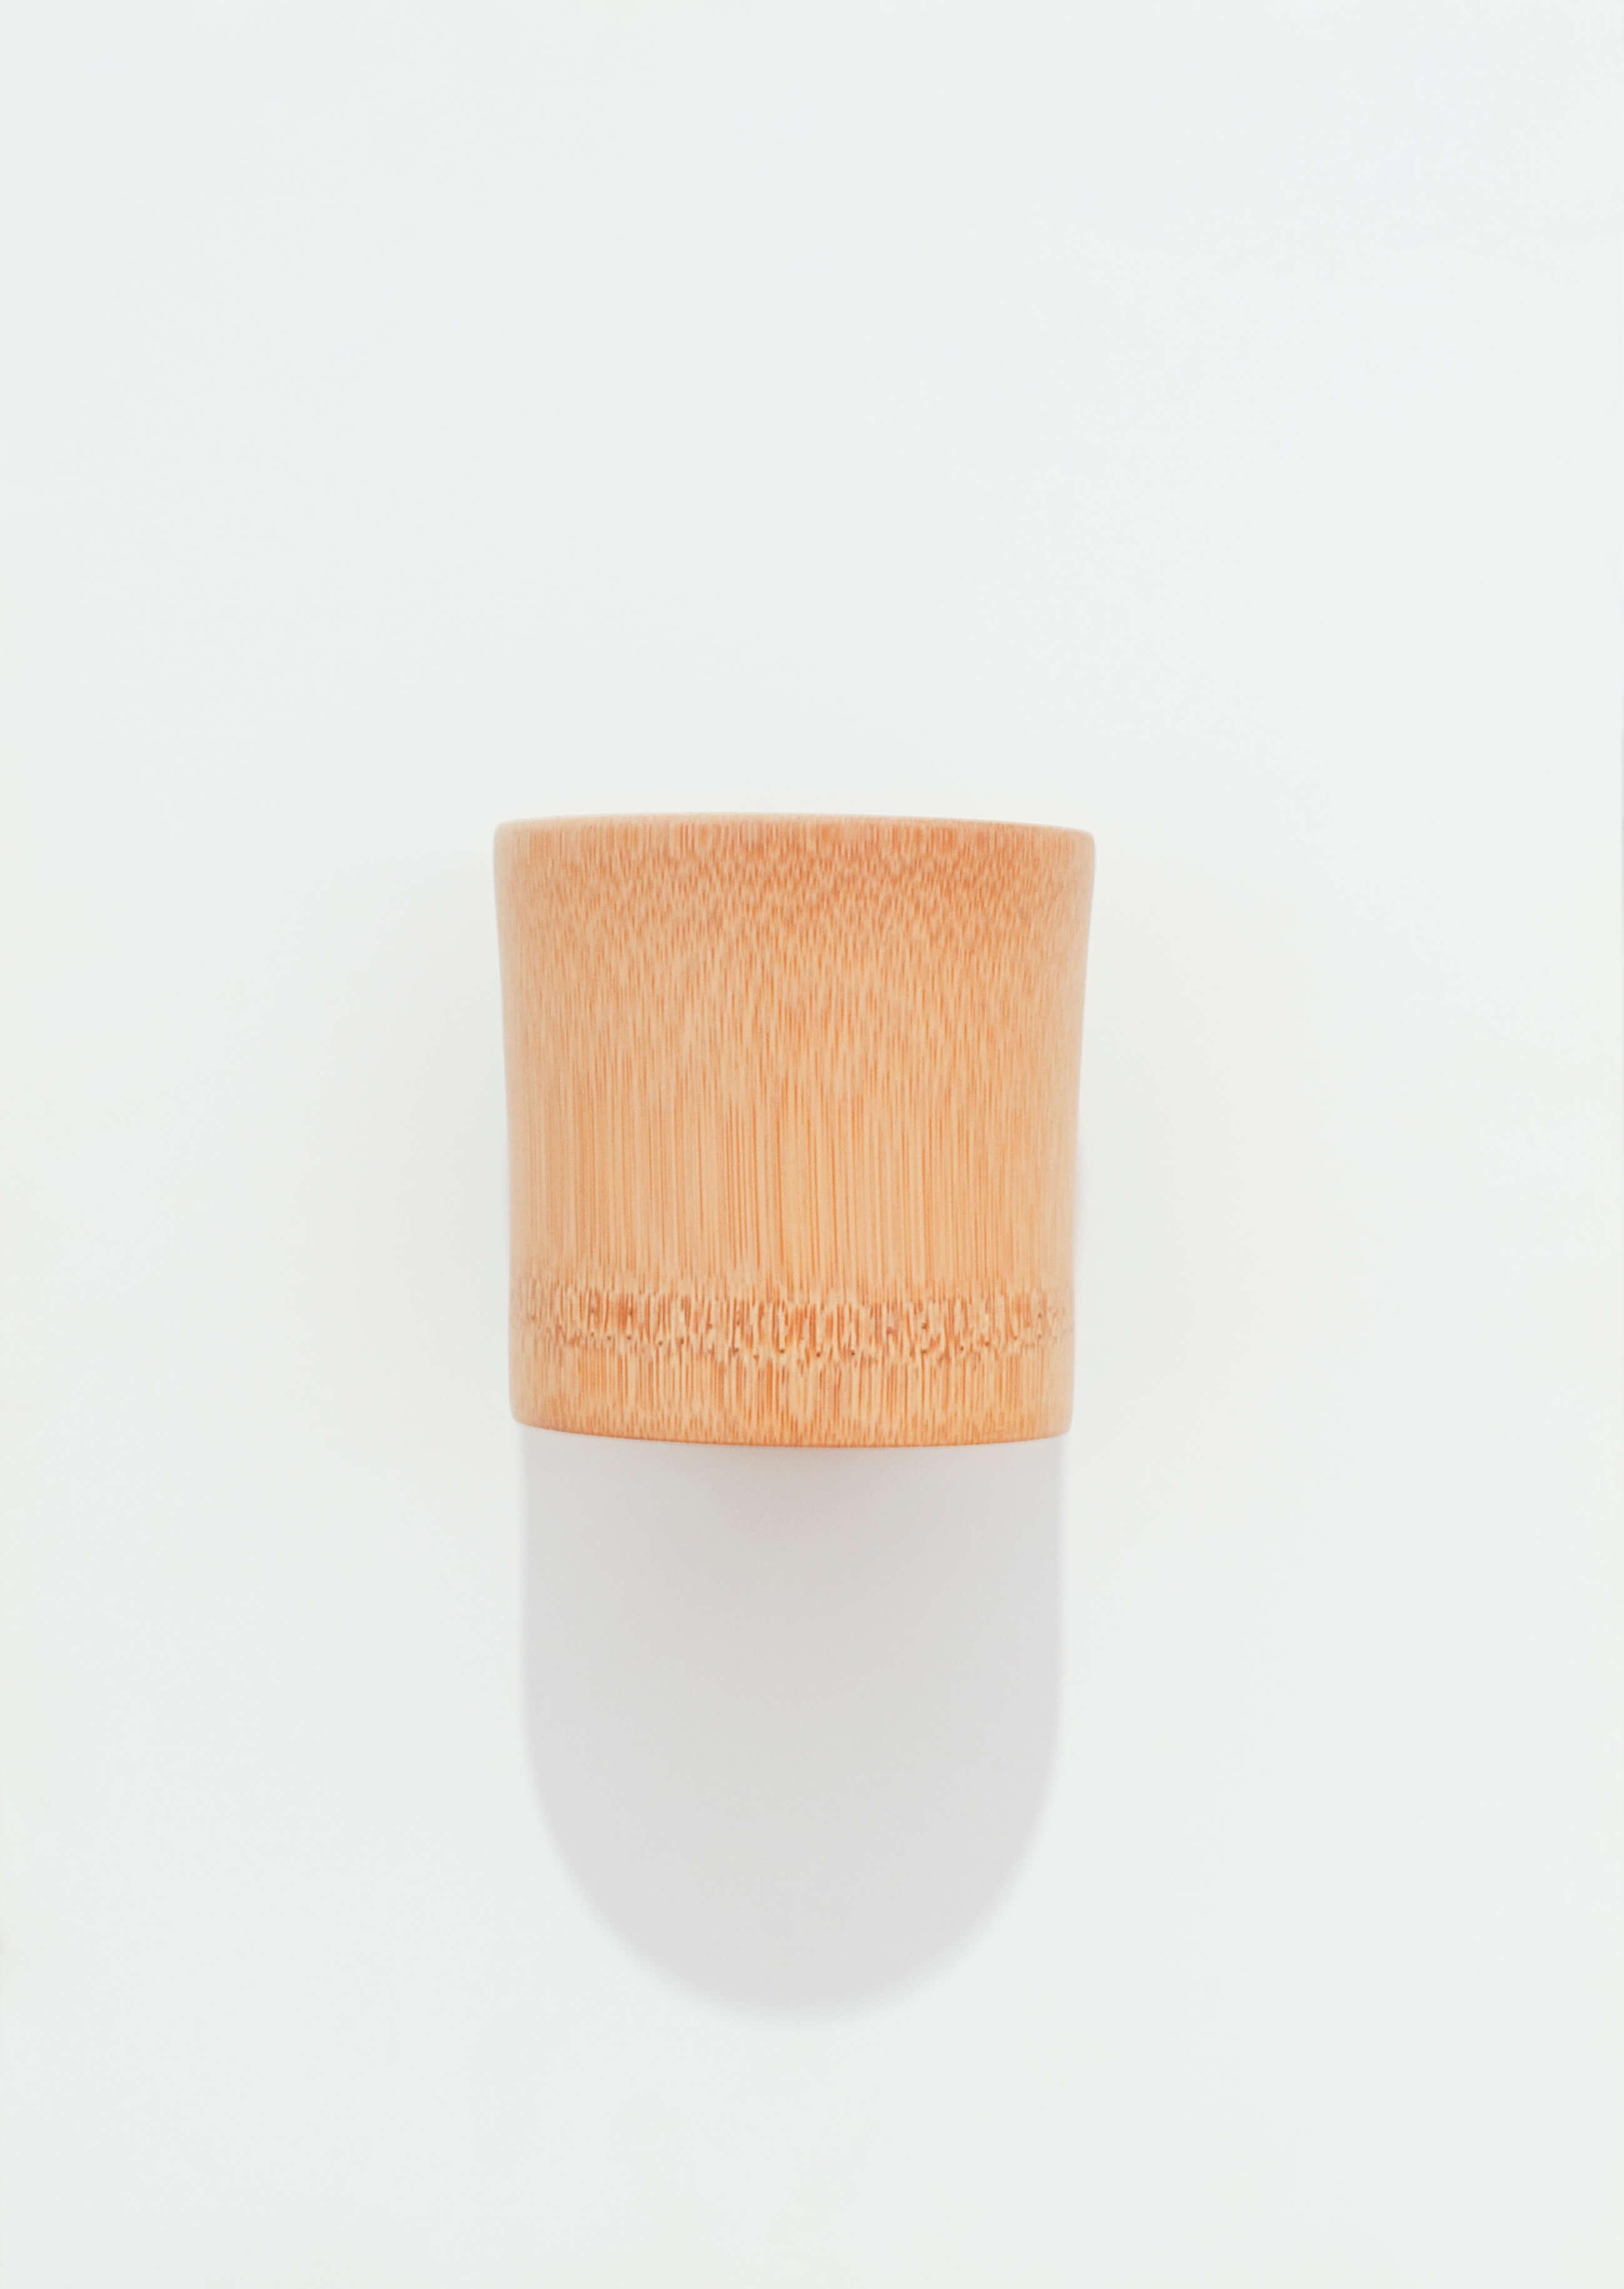 Vaso tradicional de bambú. Japón